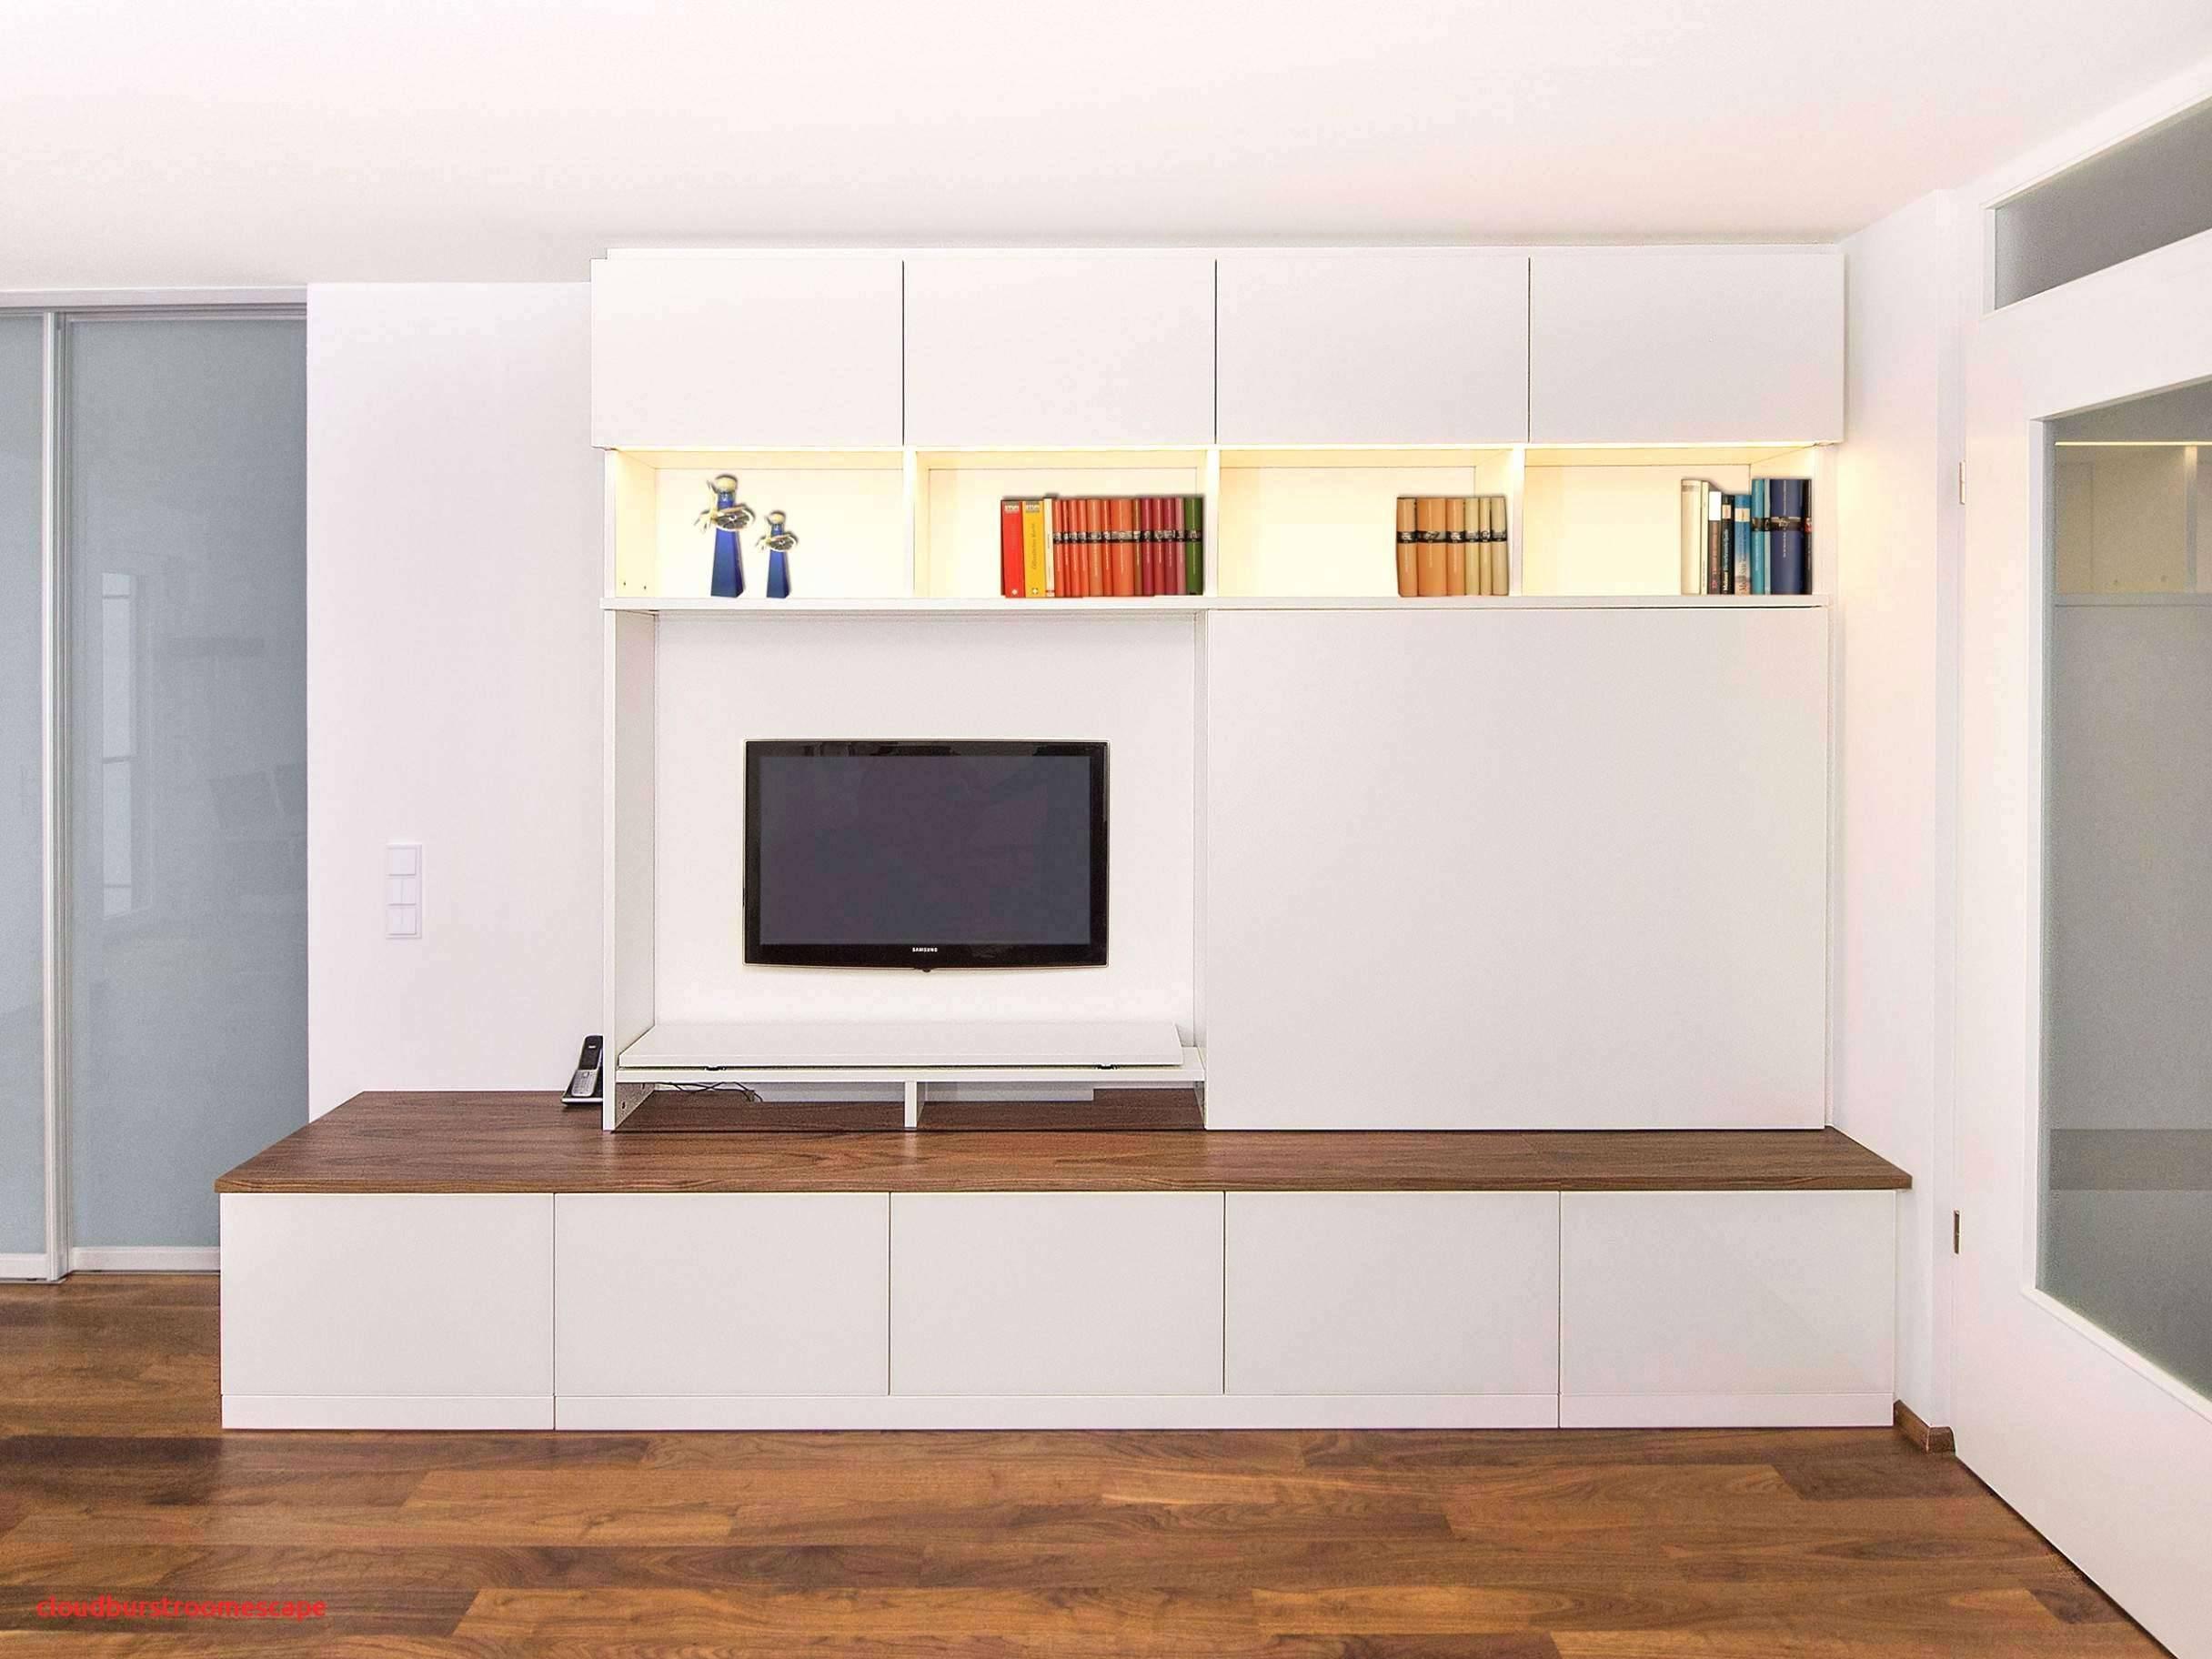 wohnzimmermobel von musterring beste 45 genial wohnzimmer gestalten grafik of wohnzimmermobel von musterring